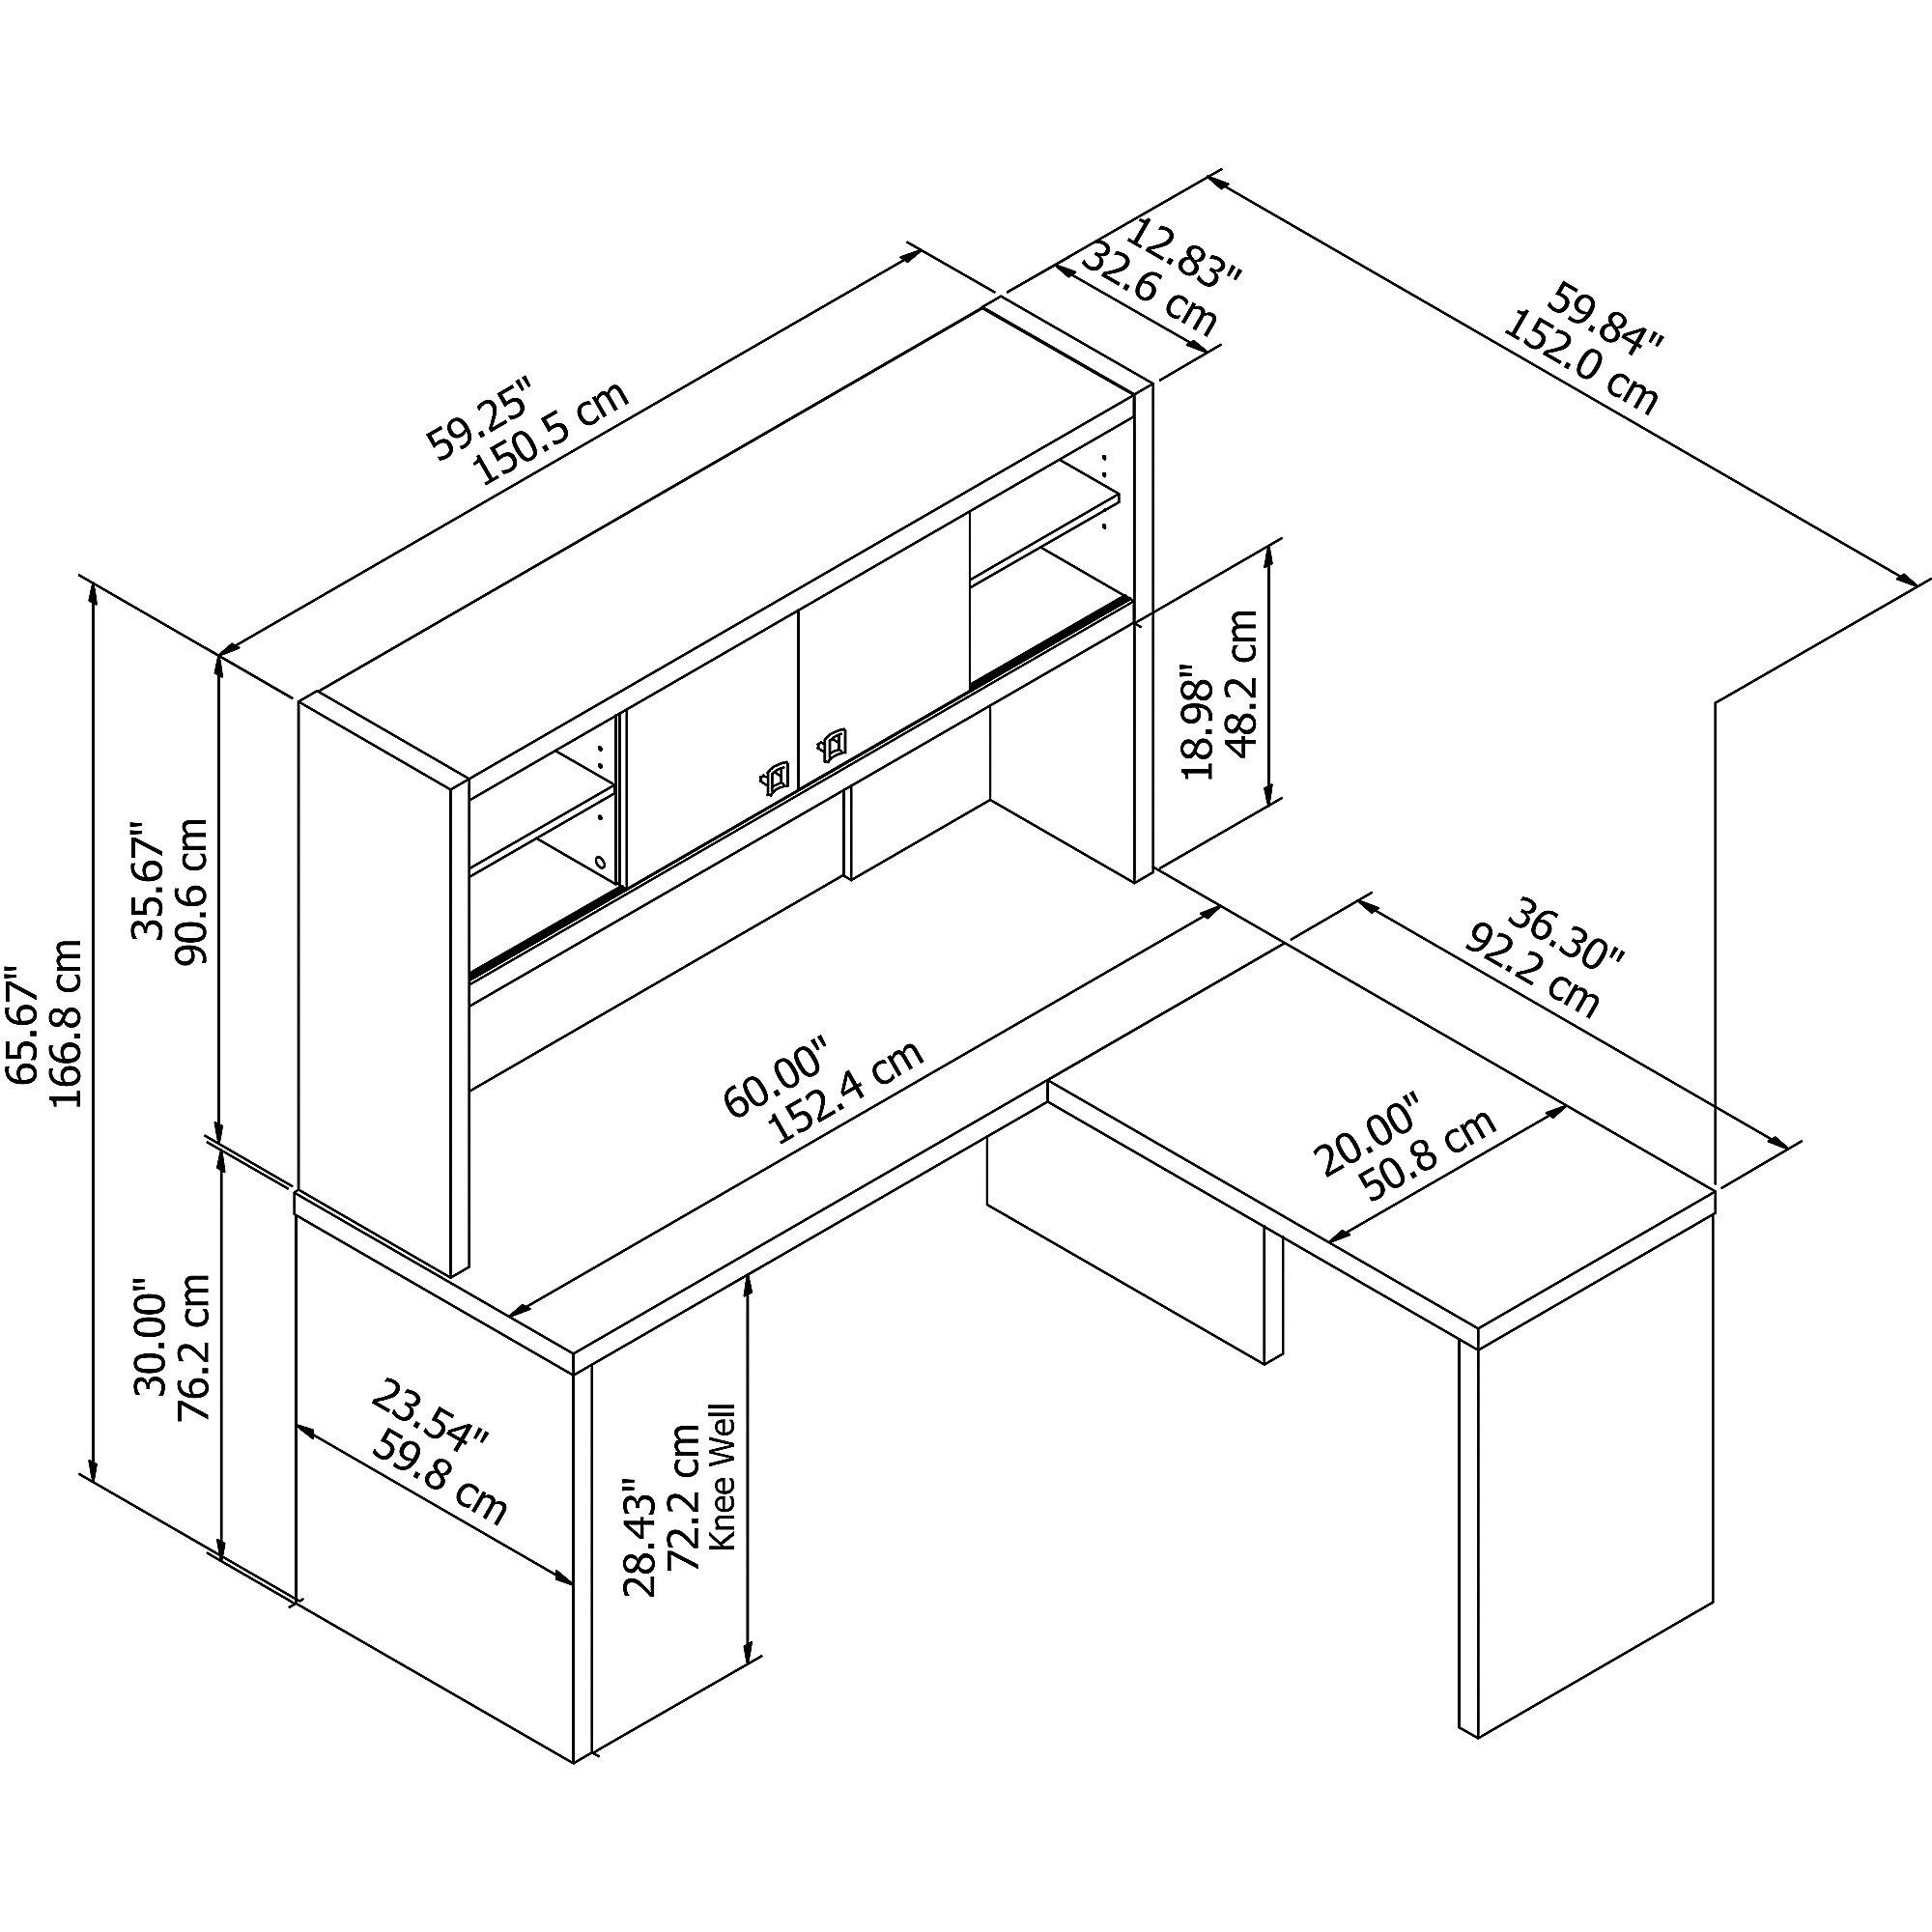 echo ech031 dimensions